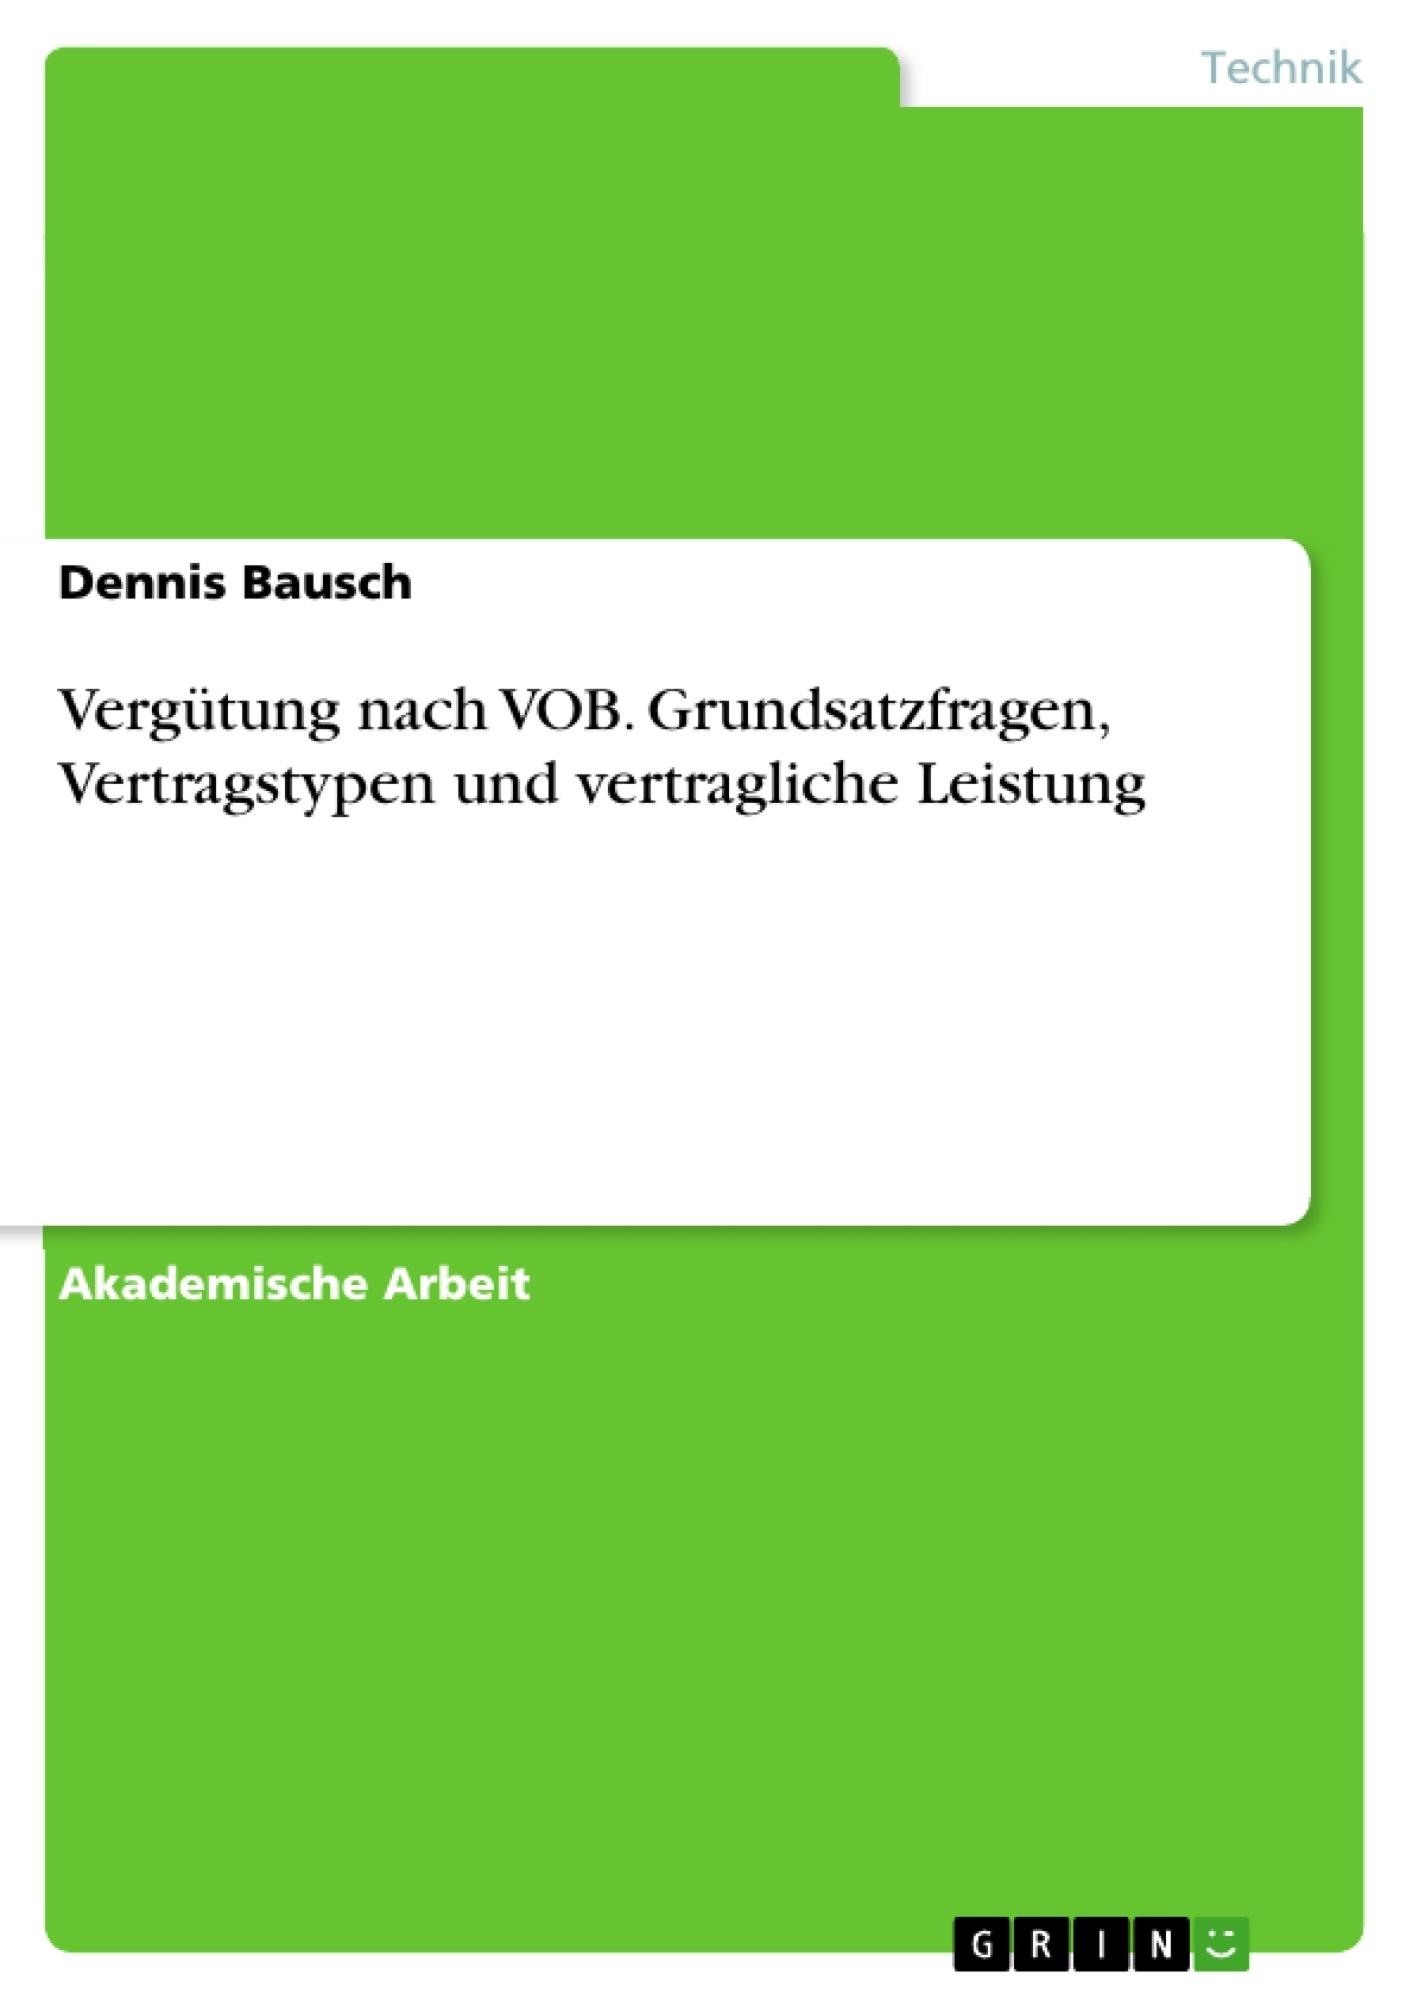 Titel: Vergütung nach VOB. Grundsatzfragen, Vertragstypen und vertragliche Leistung